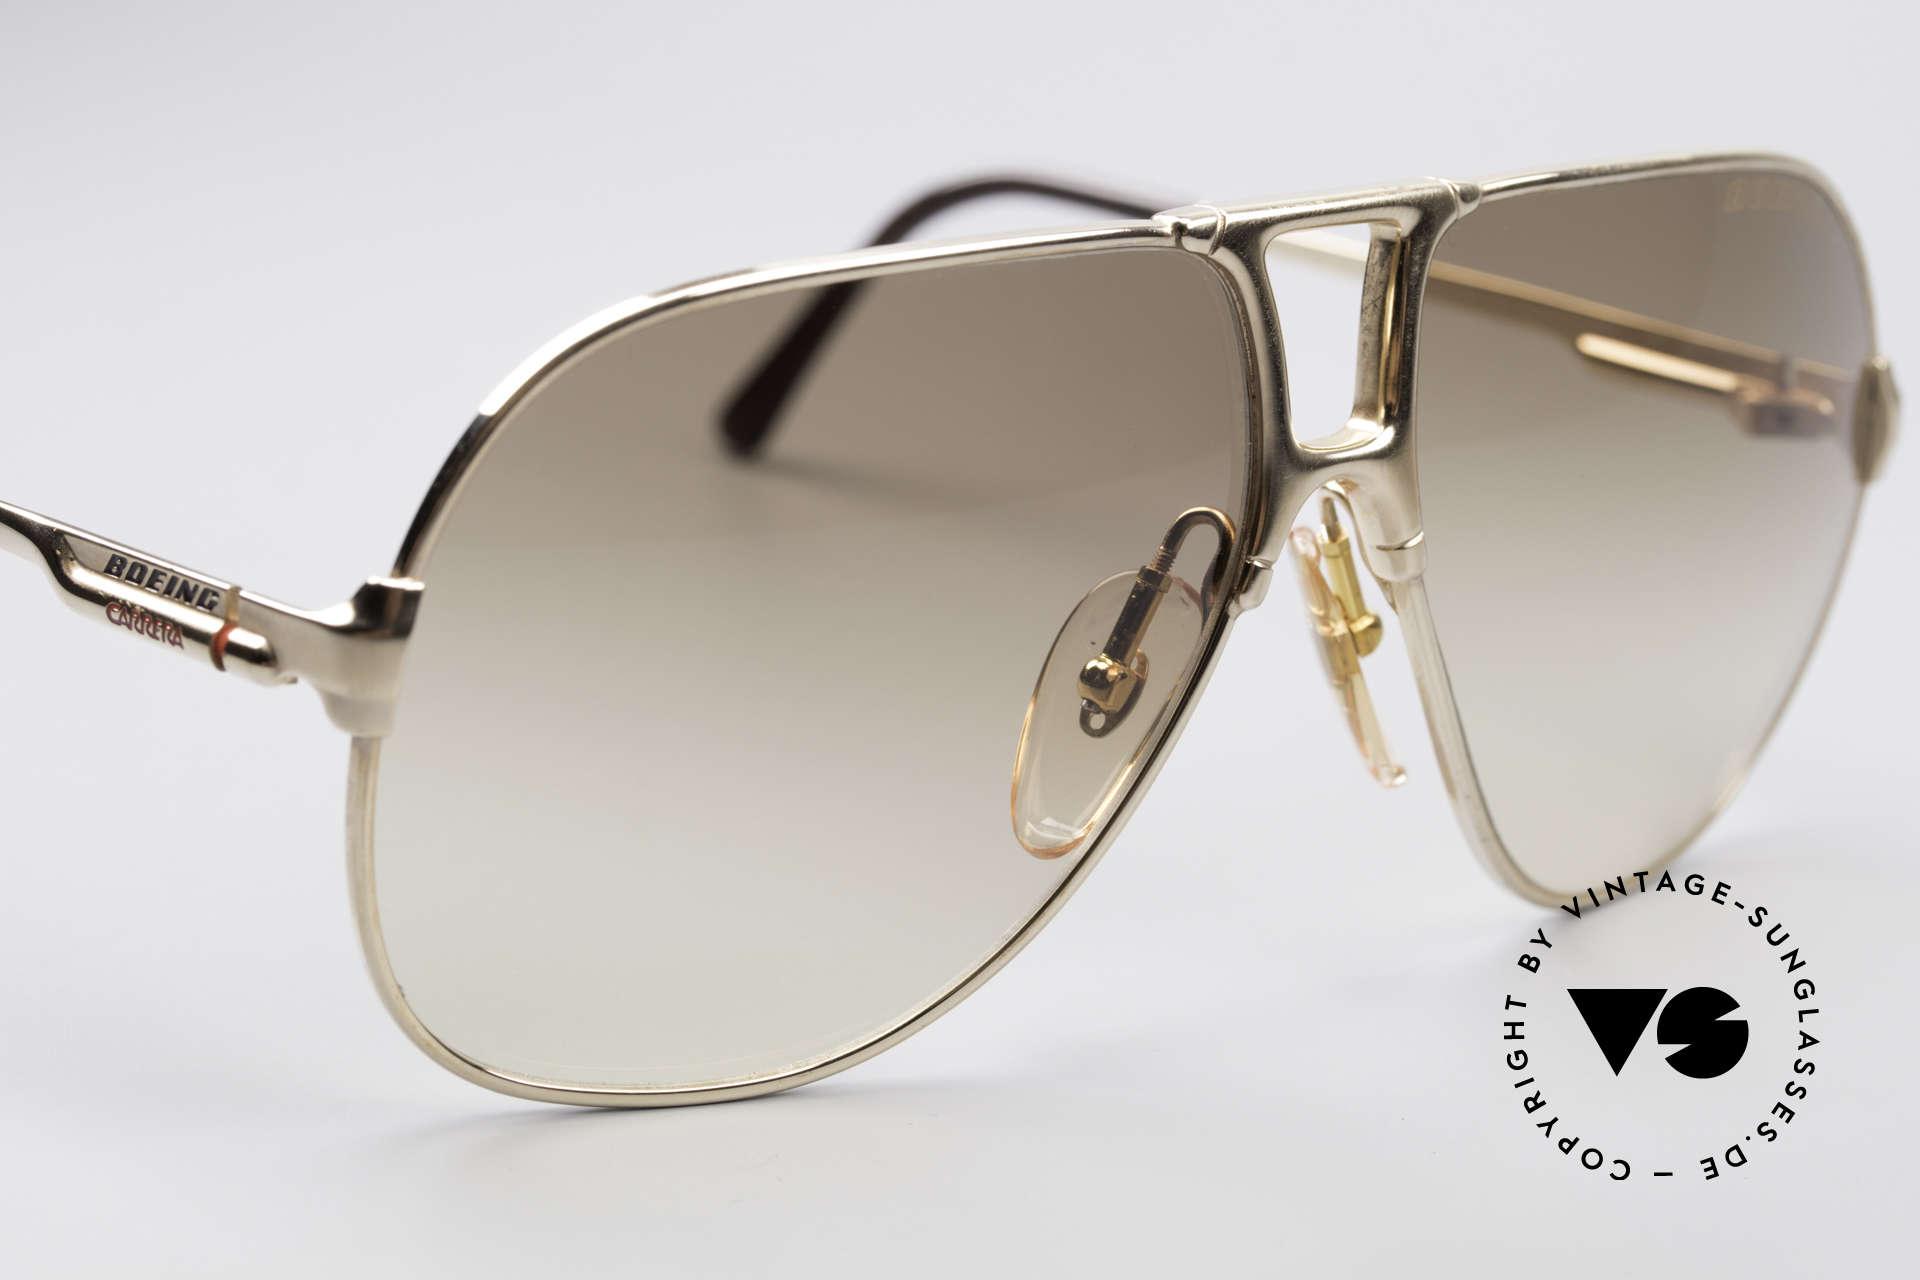 Boeing 5700 Berühmte 80er Piloten Brille, ungetragen (wie alle unsere Boeing Pilotenbrillen), Passend für Herren und Damen